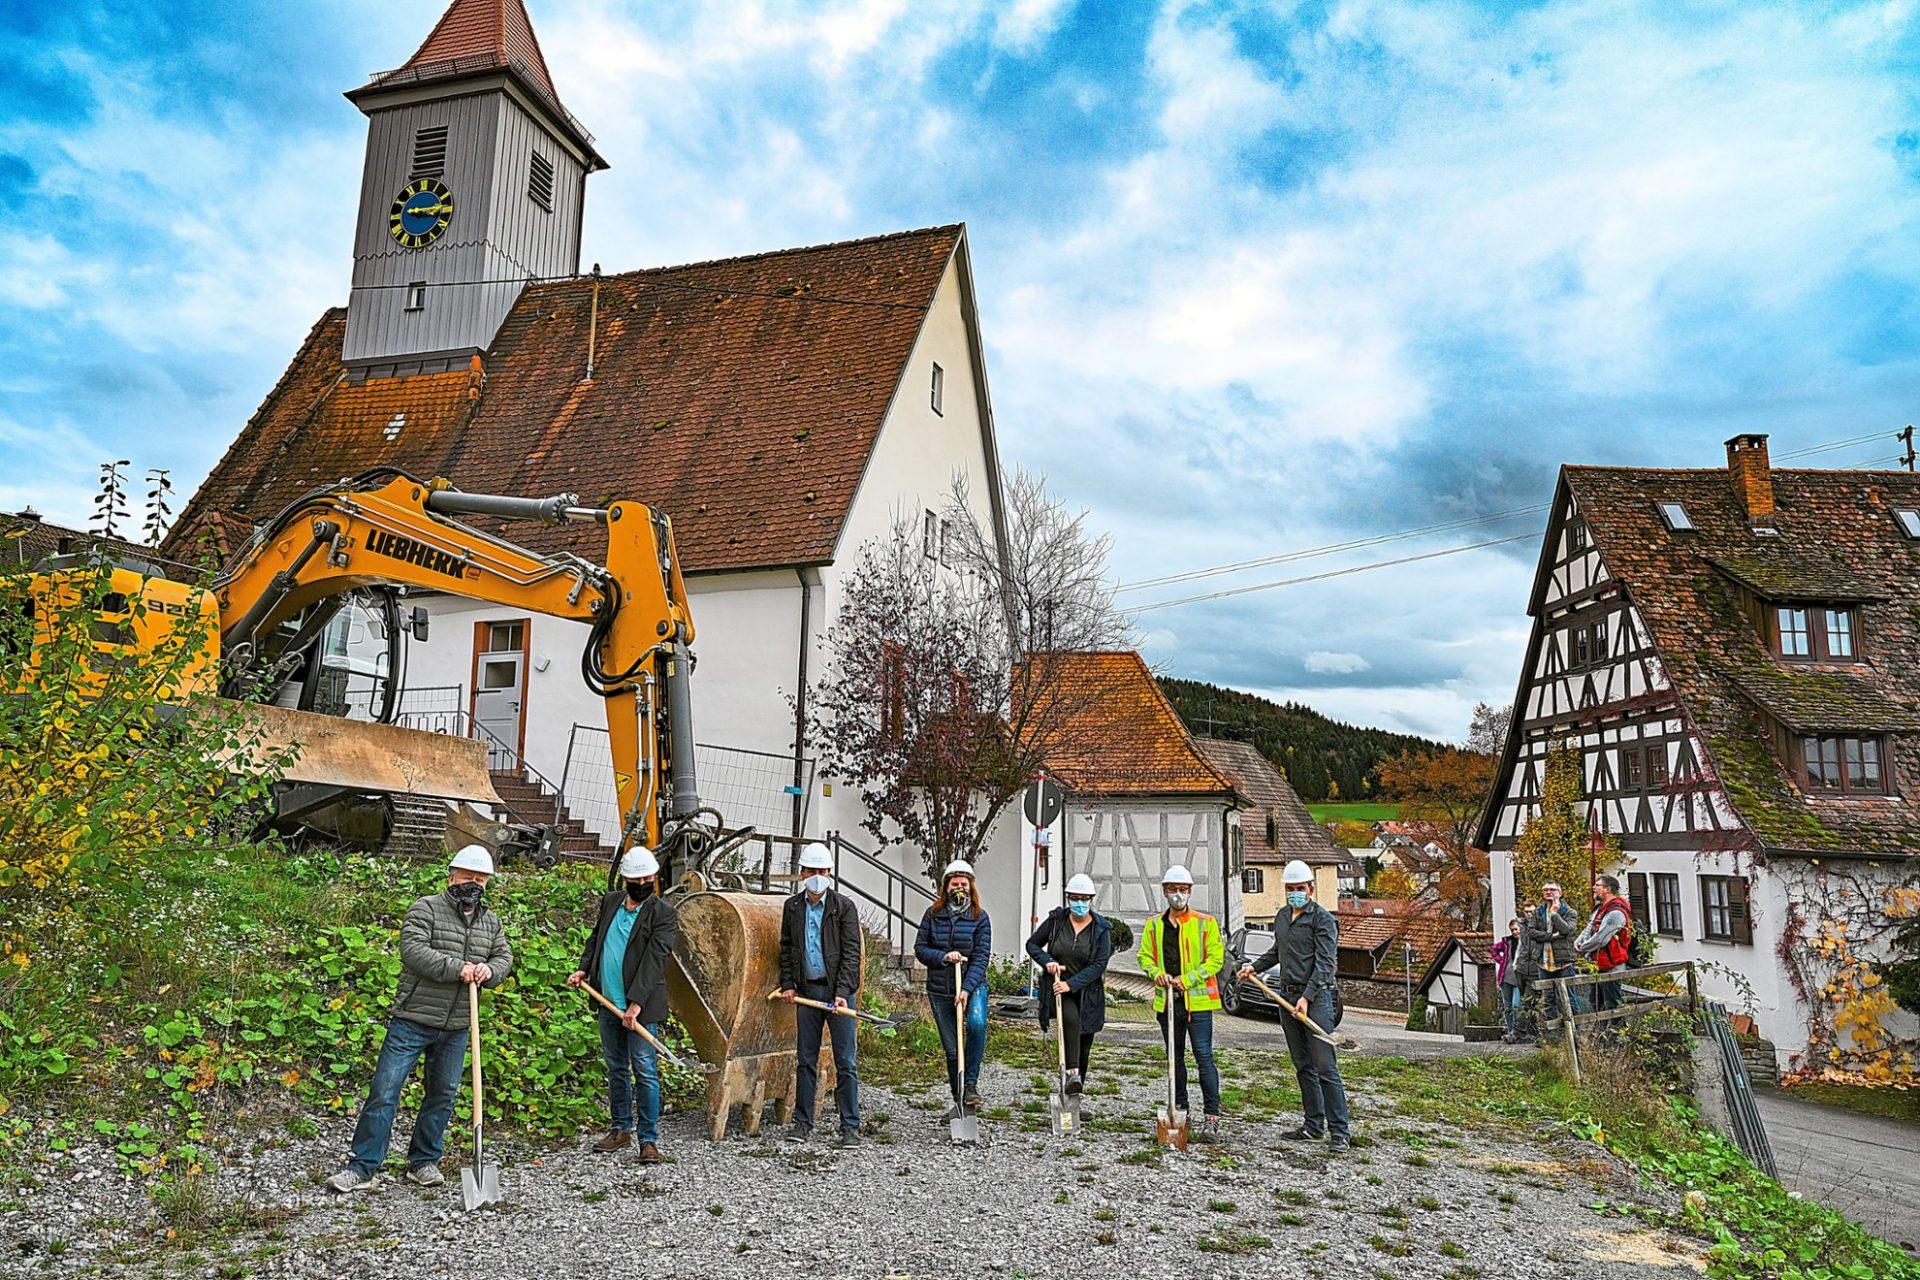 Nagold, Dorfplatz Emmingen - Spatenstich